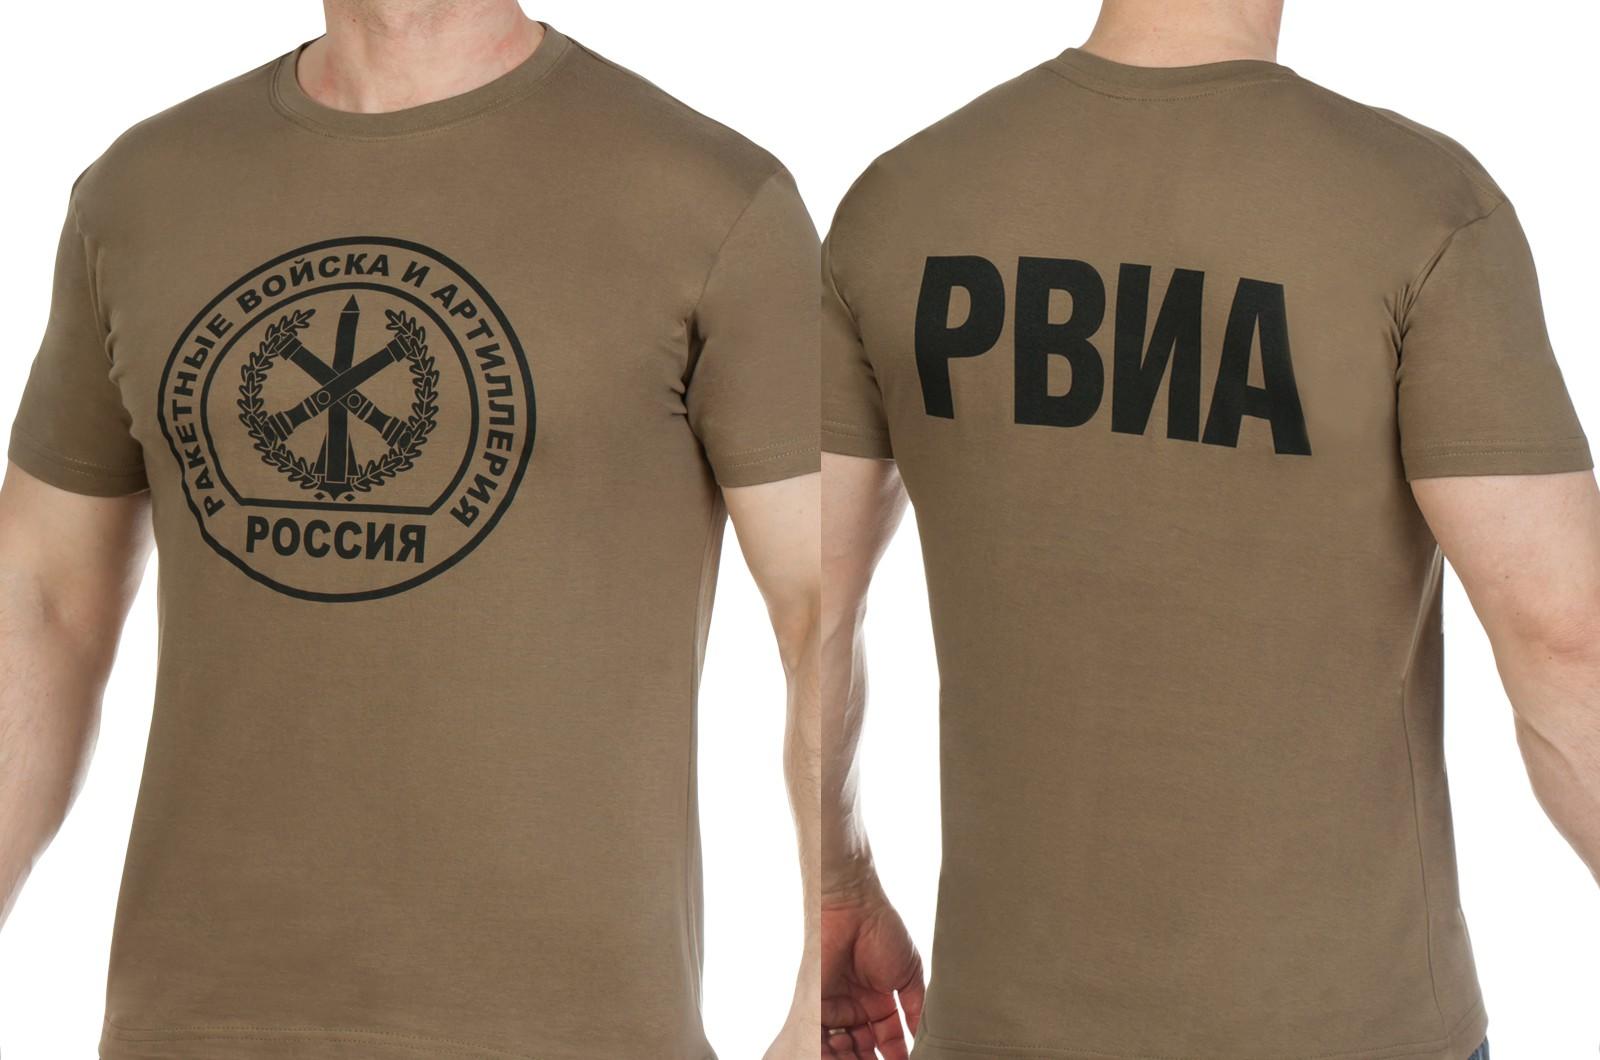 Заказать футболки с эмблемой РВиА